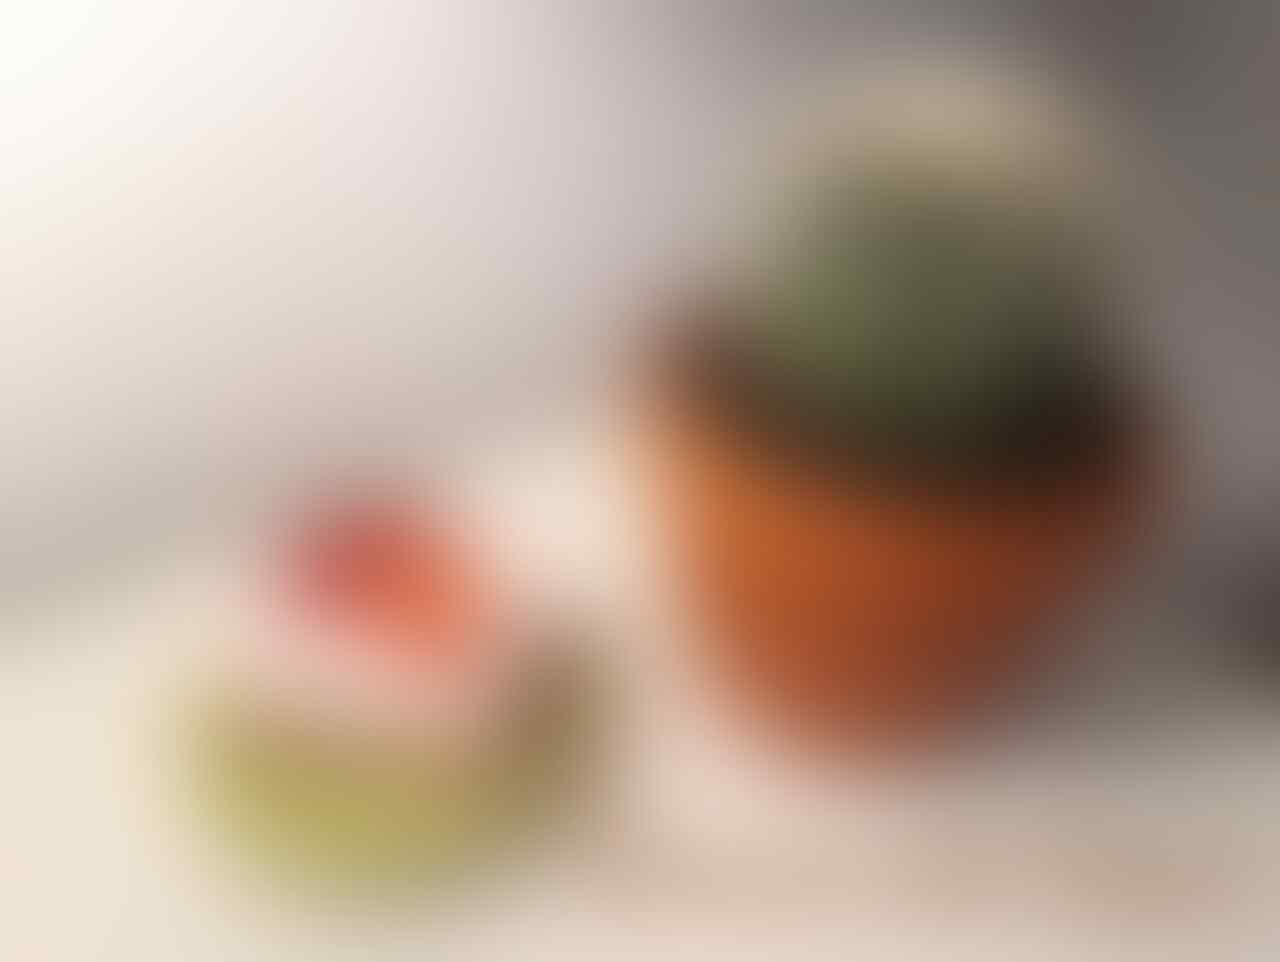 Strawberry Tiramisu (Tiramisu rasa stroberi)